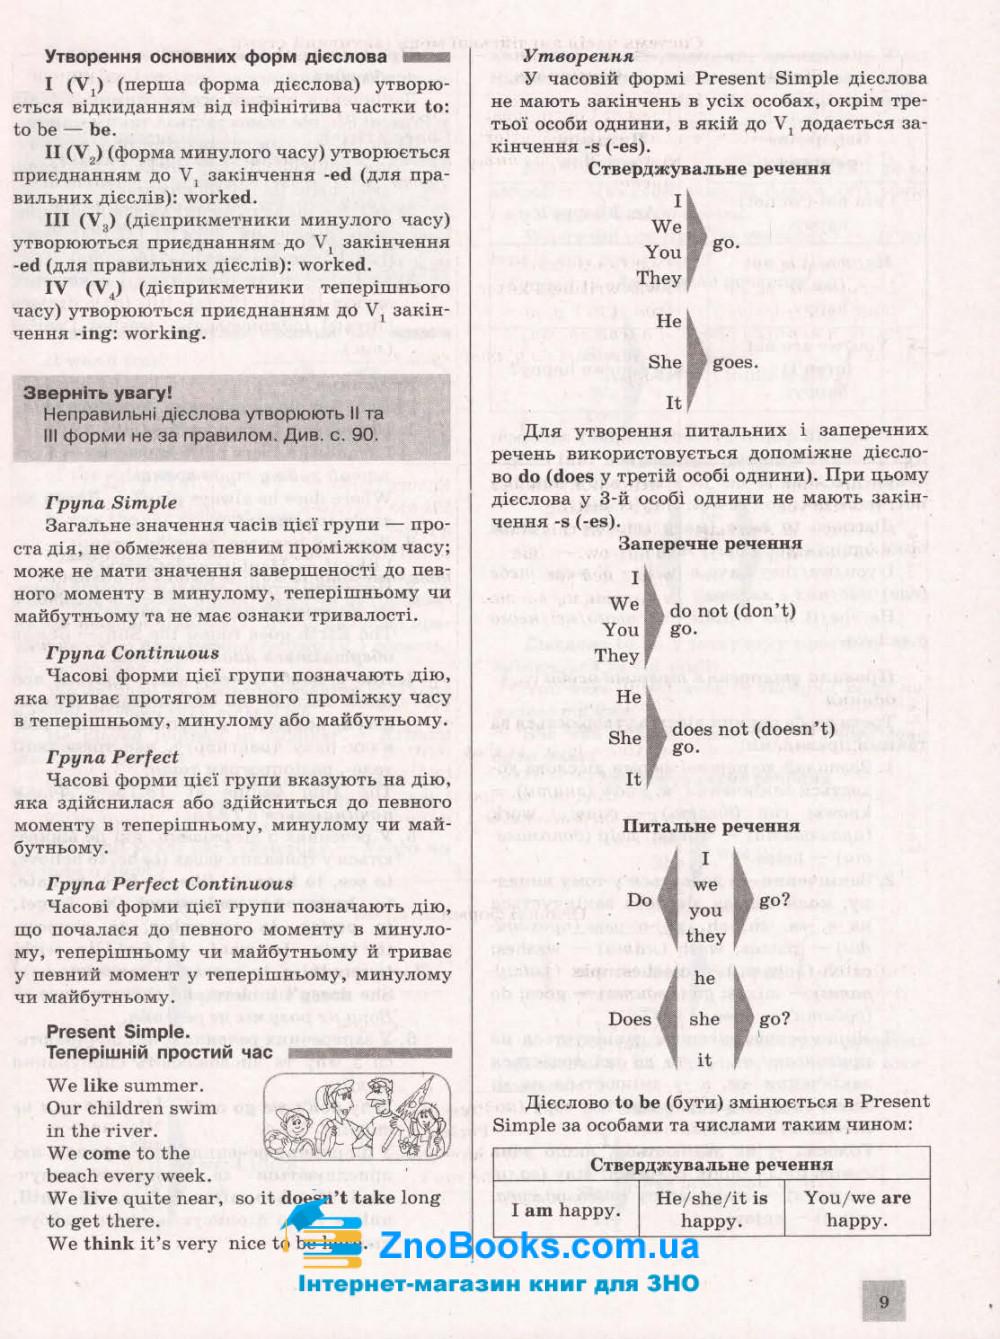 Англійська мова ЗНО 2022. Комплексне видання + типові тестові /КОМПЛЕКТ/ : Чернишова Ю., Мясоєдова С. Літера 5